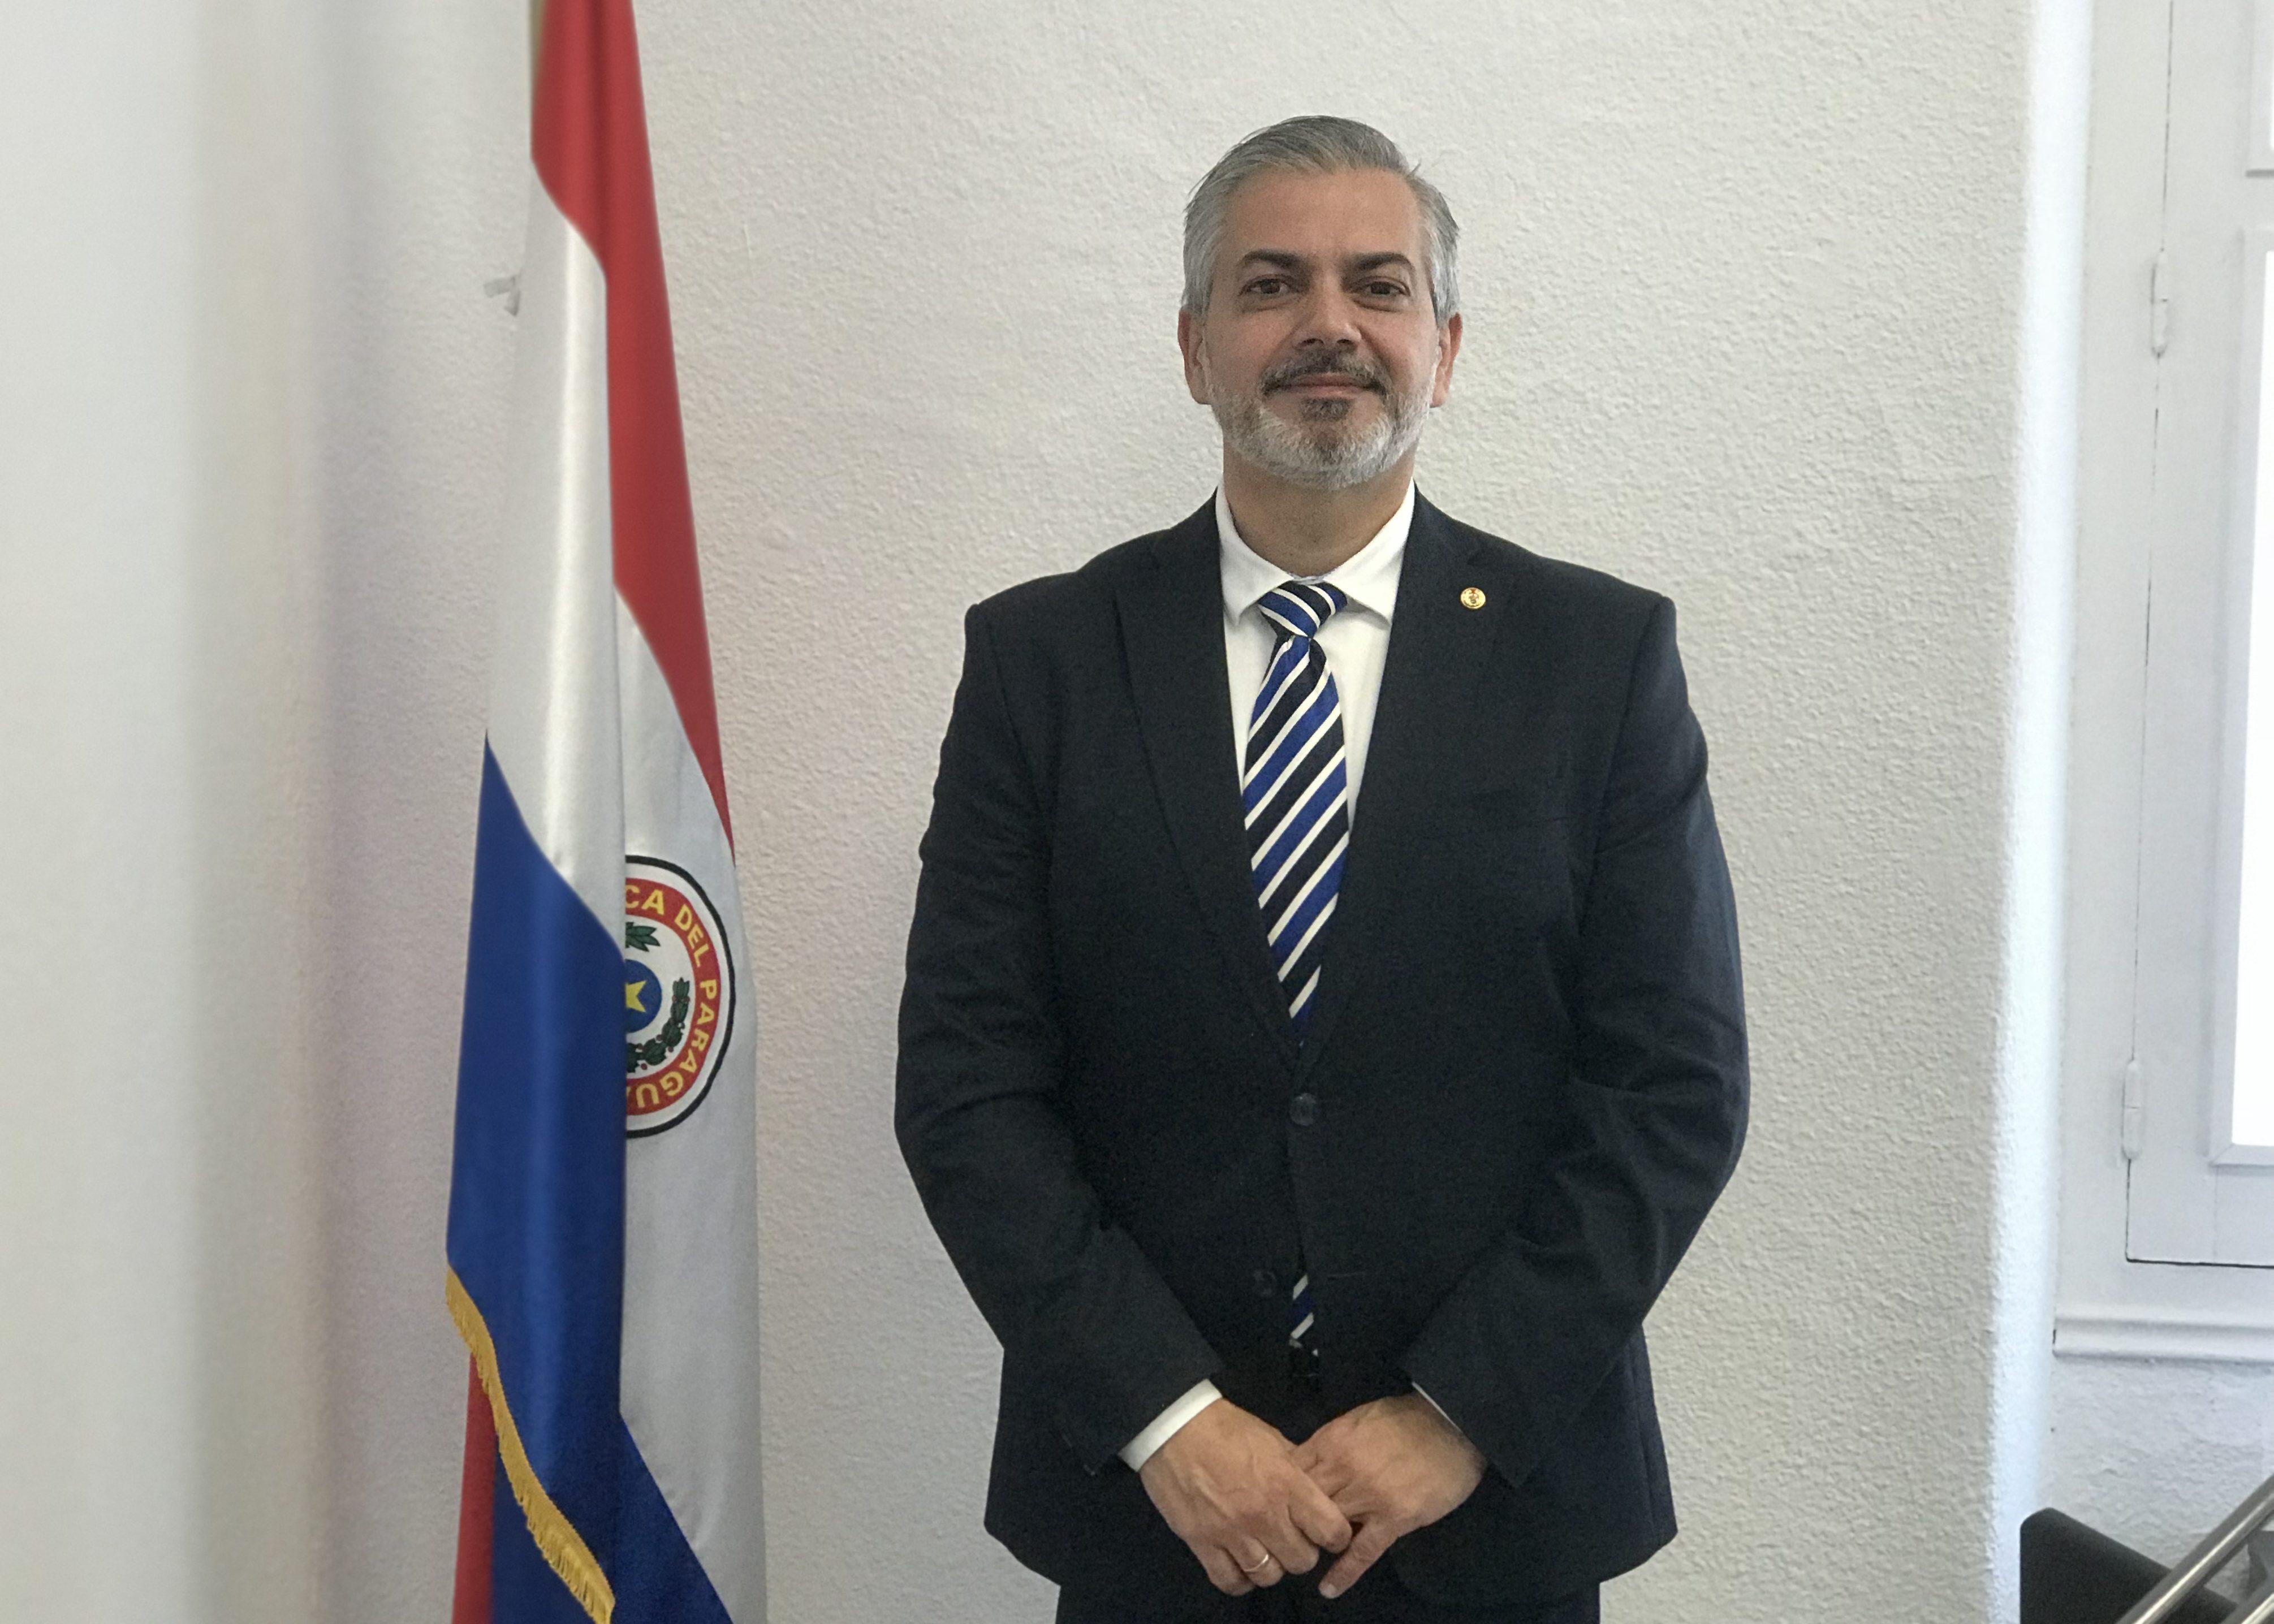 El consulado de Paraguay tiene tres circunscripciones en España, Madrid, Barcelona y Málaga